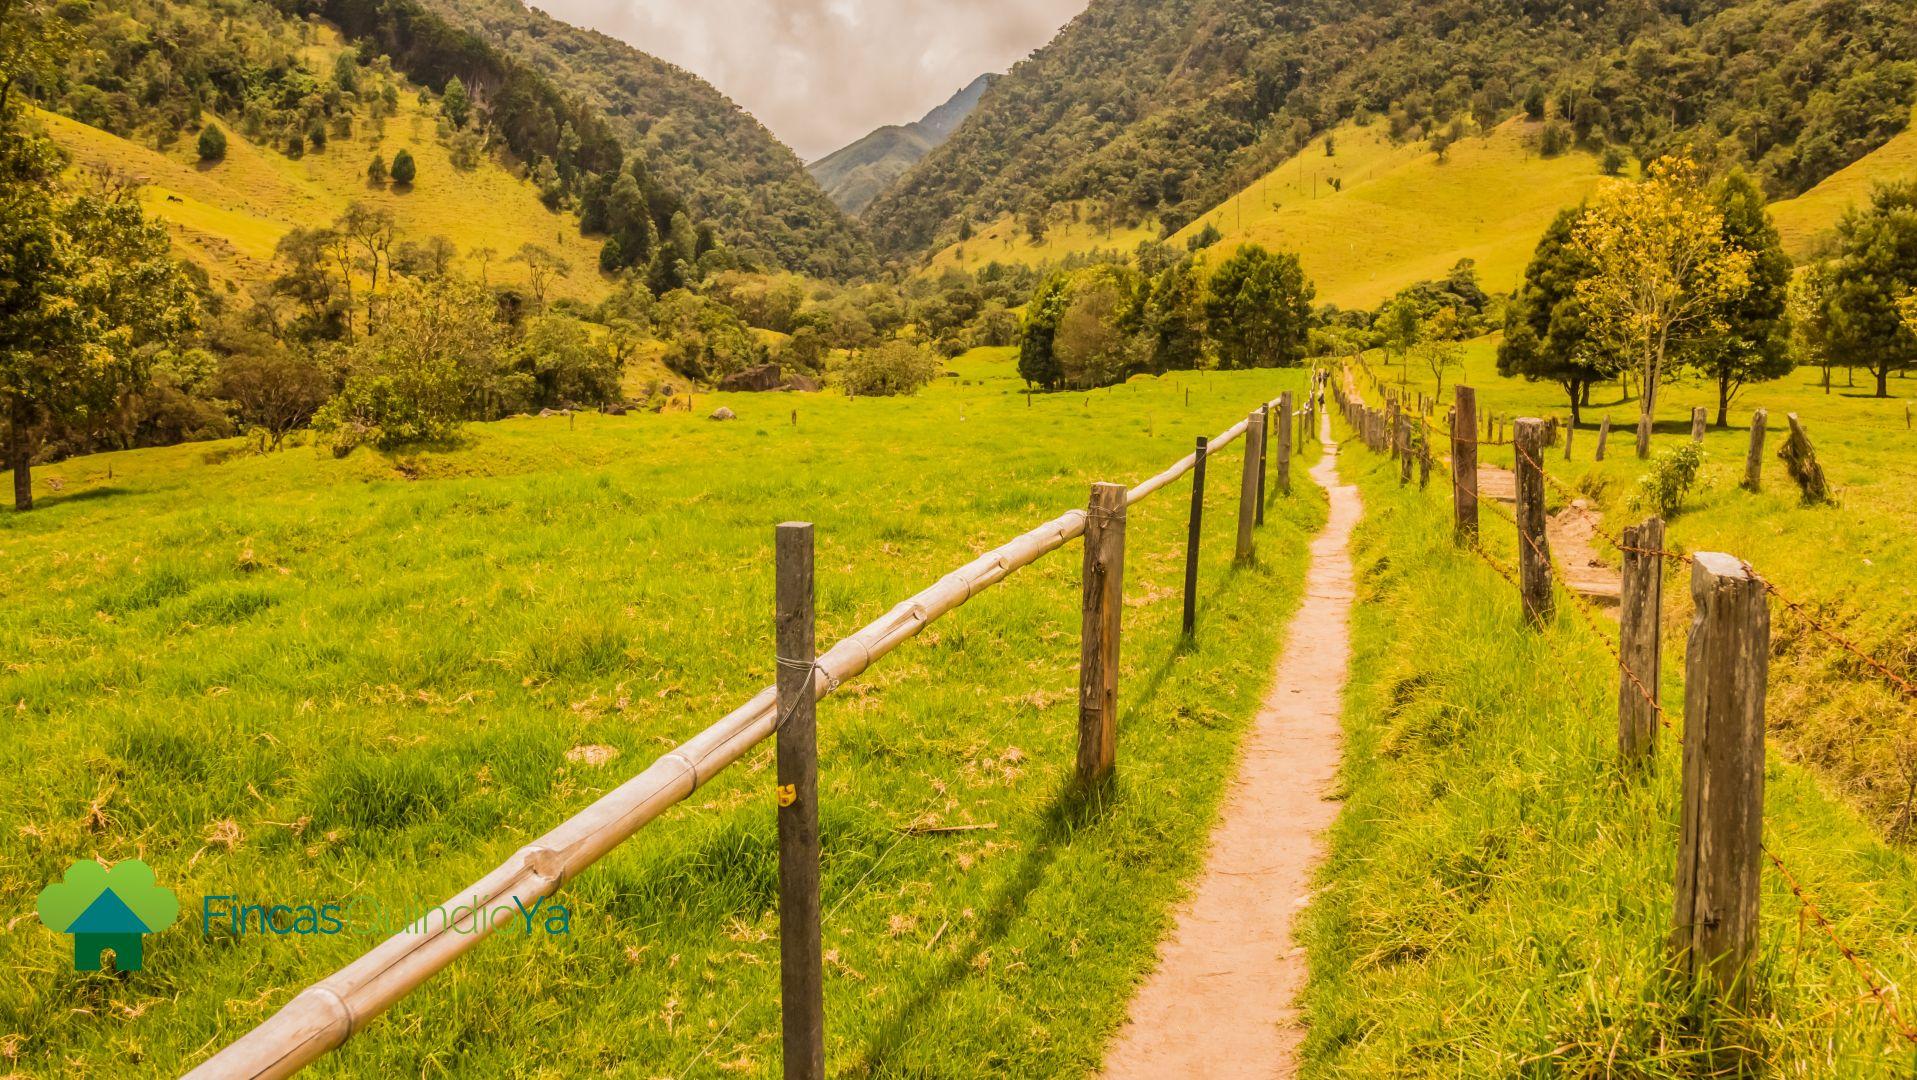 Caminos individuales con vallas a los lados